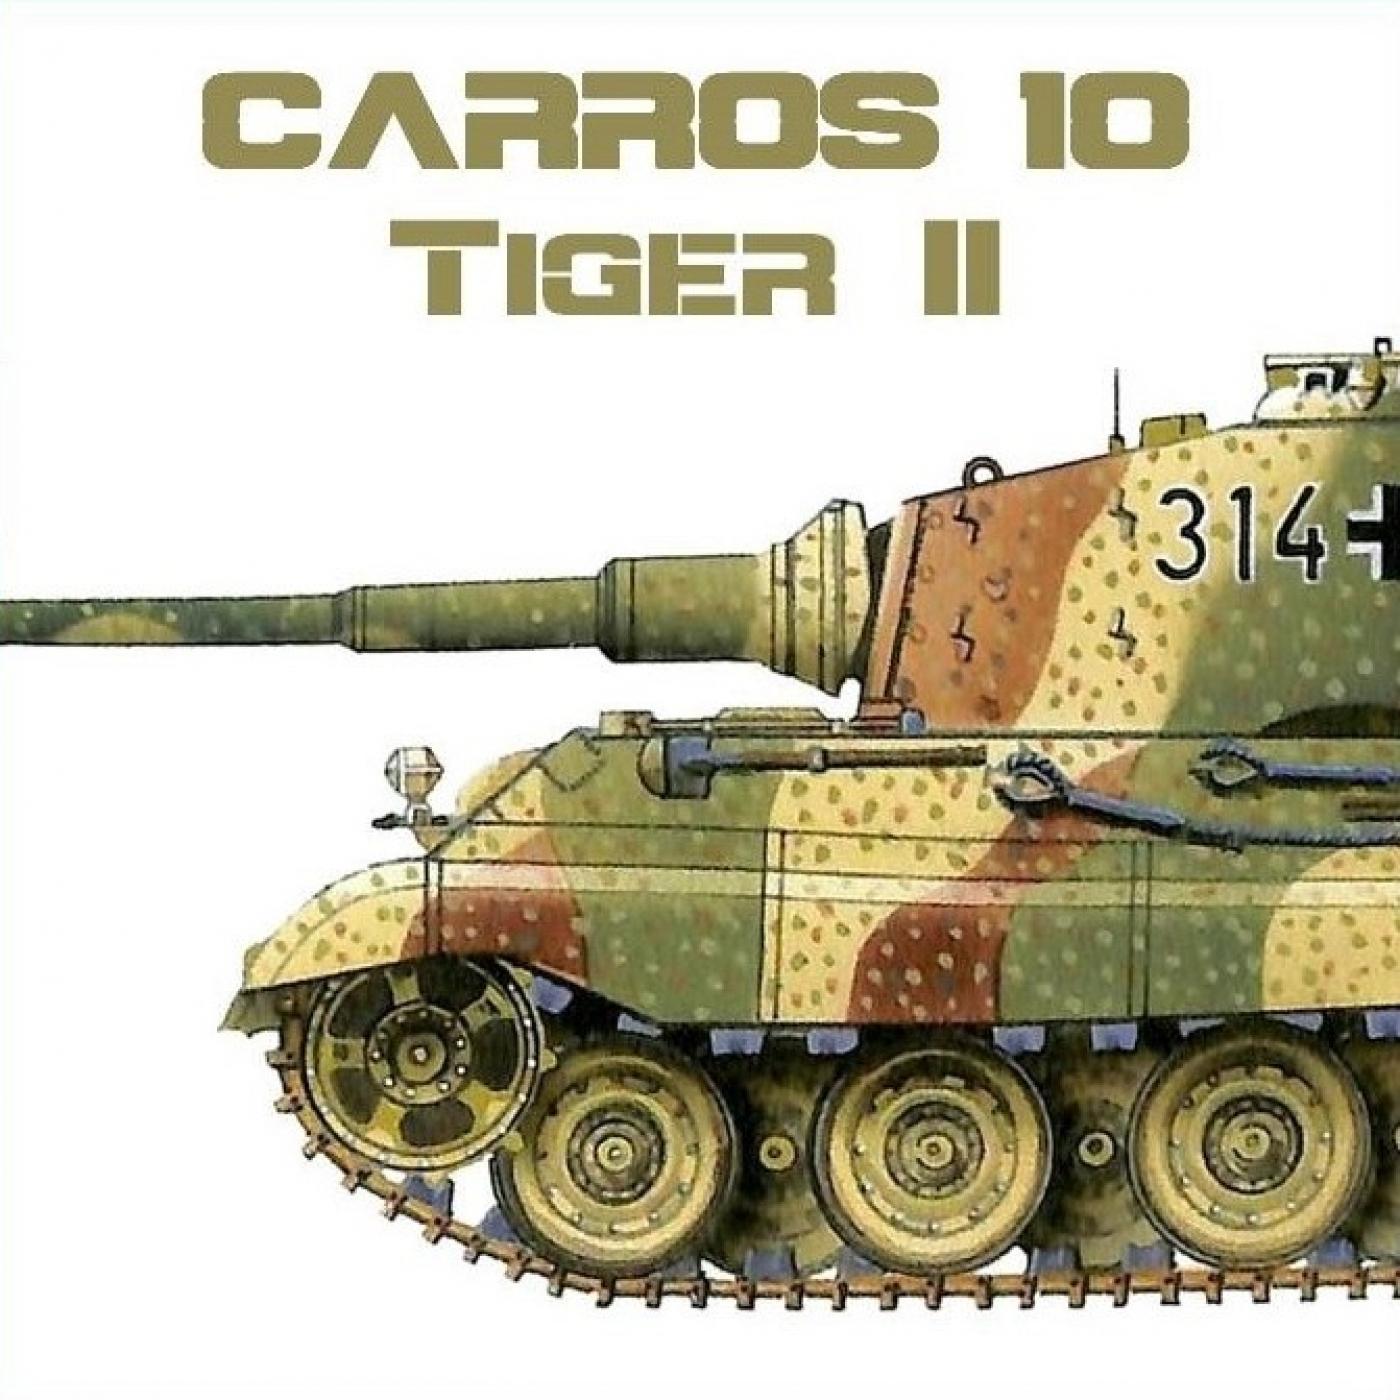 C-10 #50 Tiger II - CRS AH en Casus Belli Podcast Historia en mp3(23/09 a  las 06:00:00) 03:22:00 75676594 - iVoox